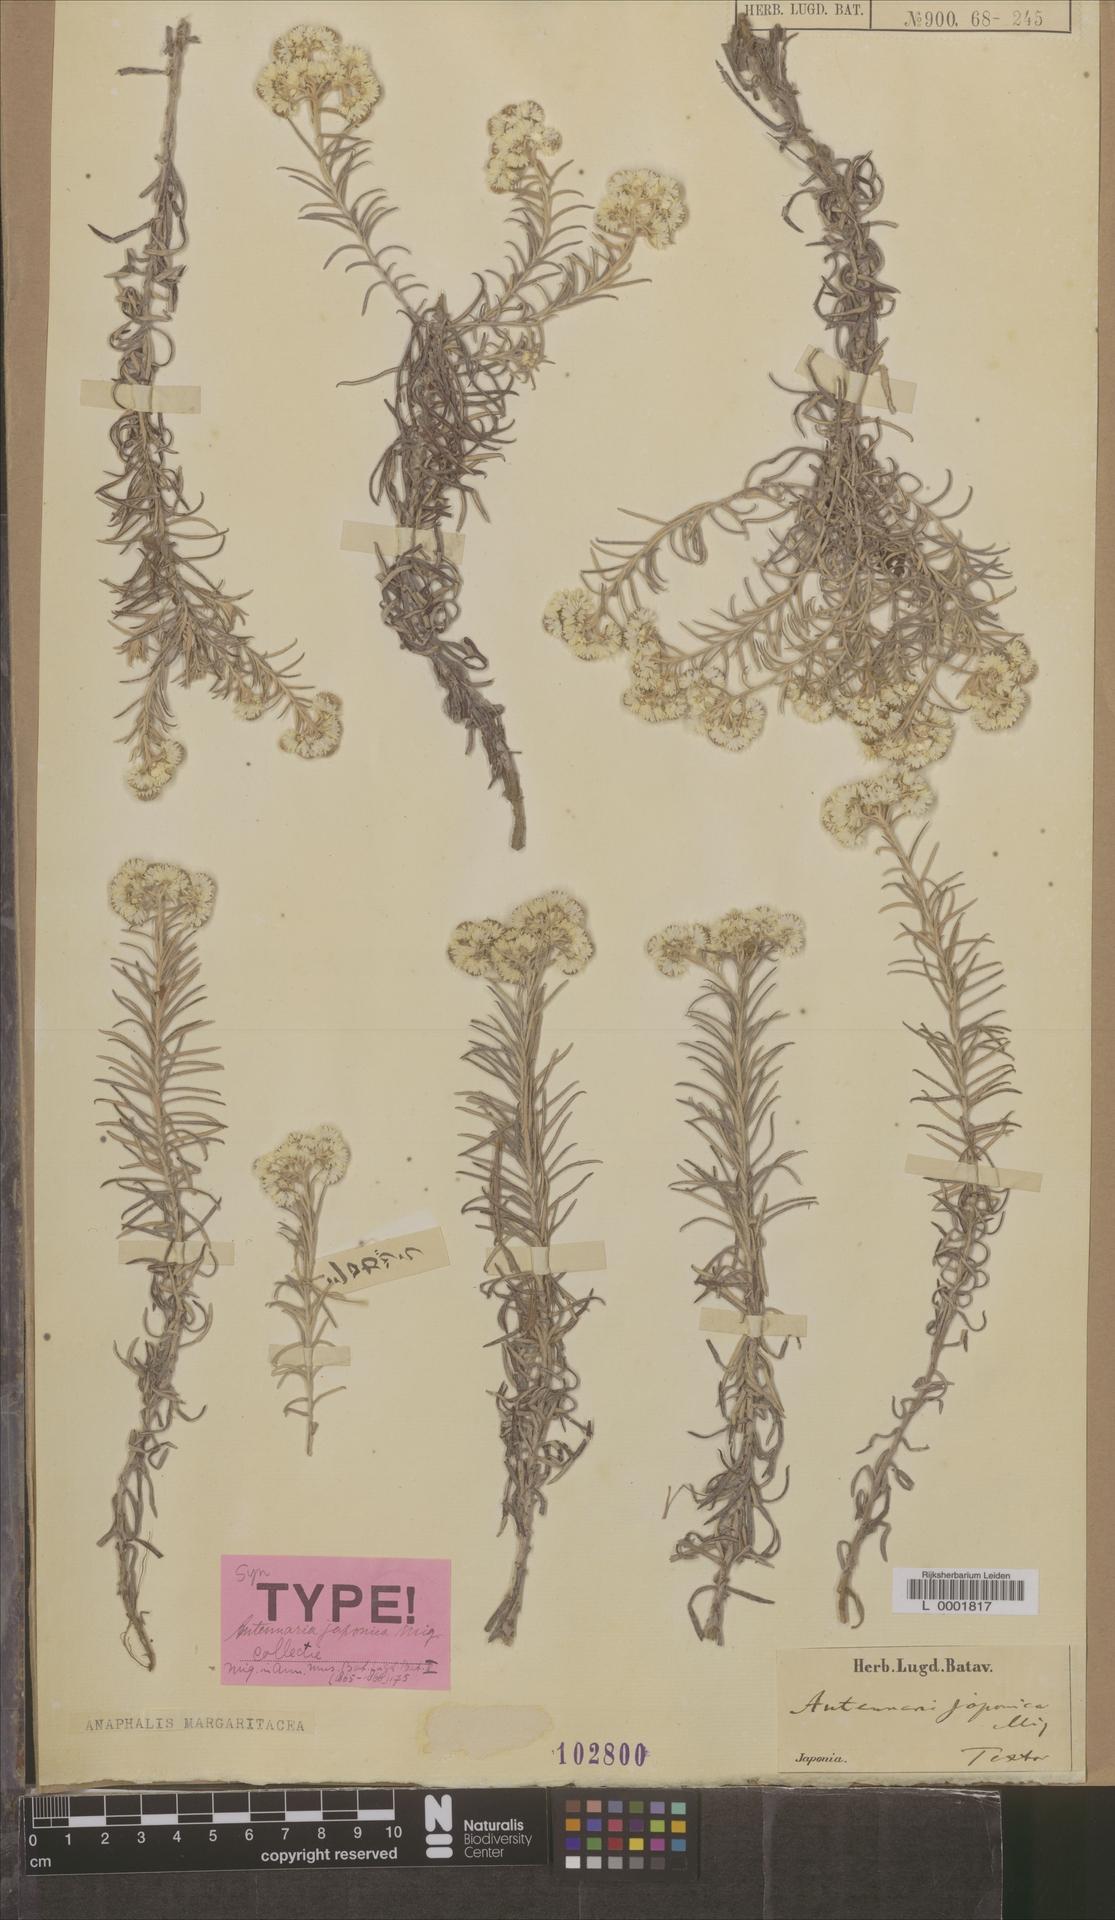 L  0001817 | Anaphalis margaritacea (L.) Benth. & Hook.f.